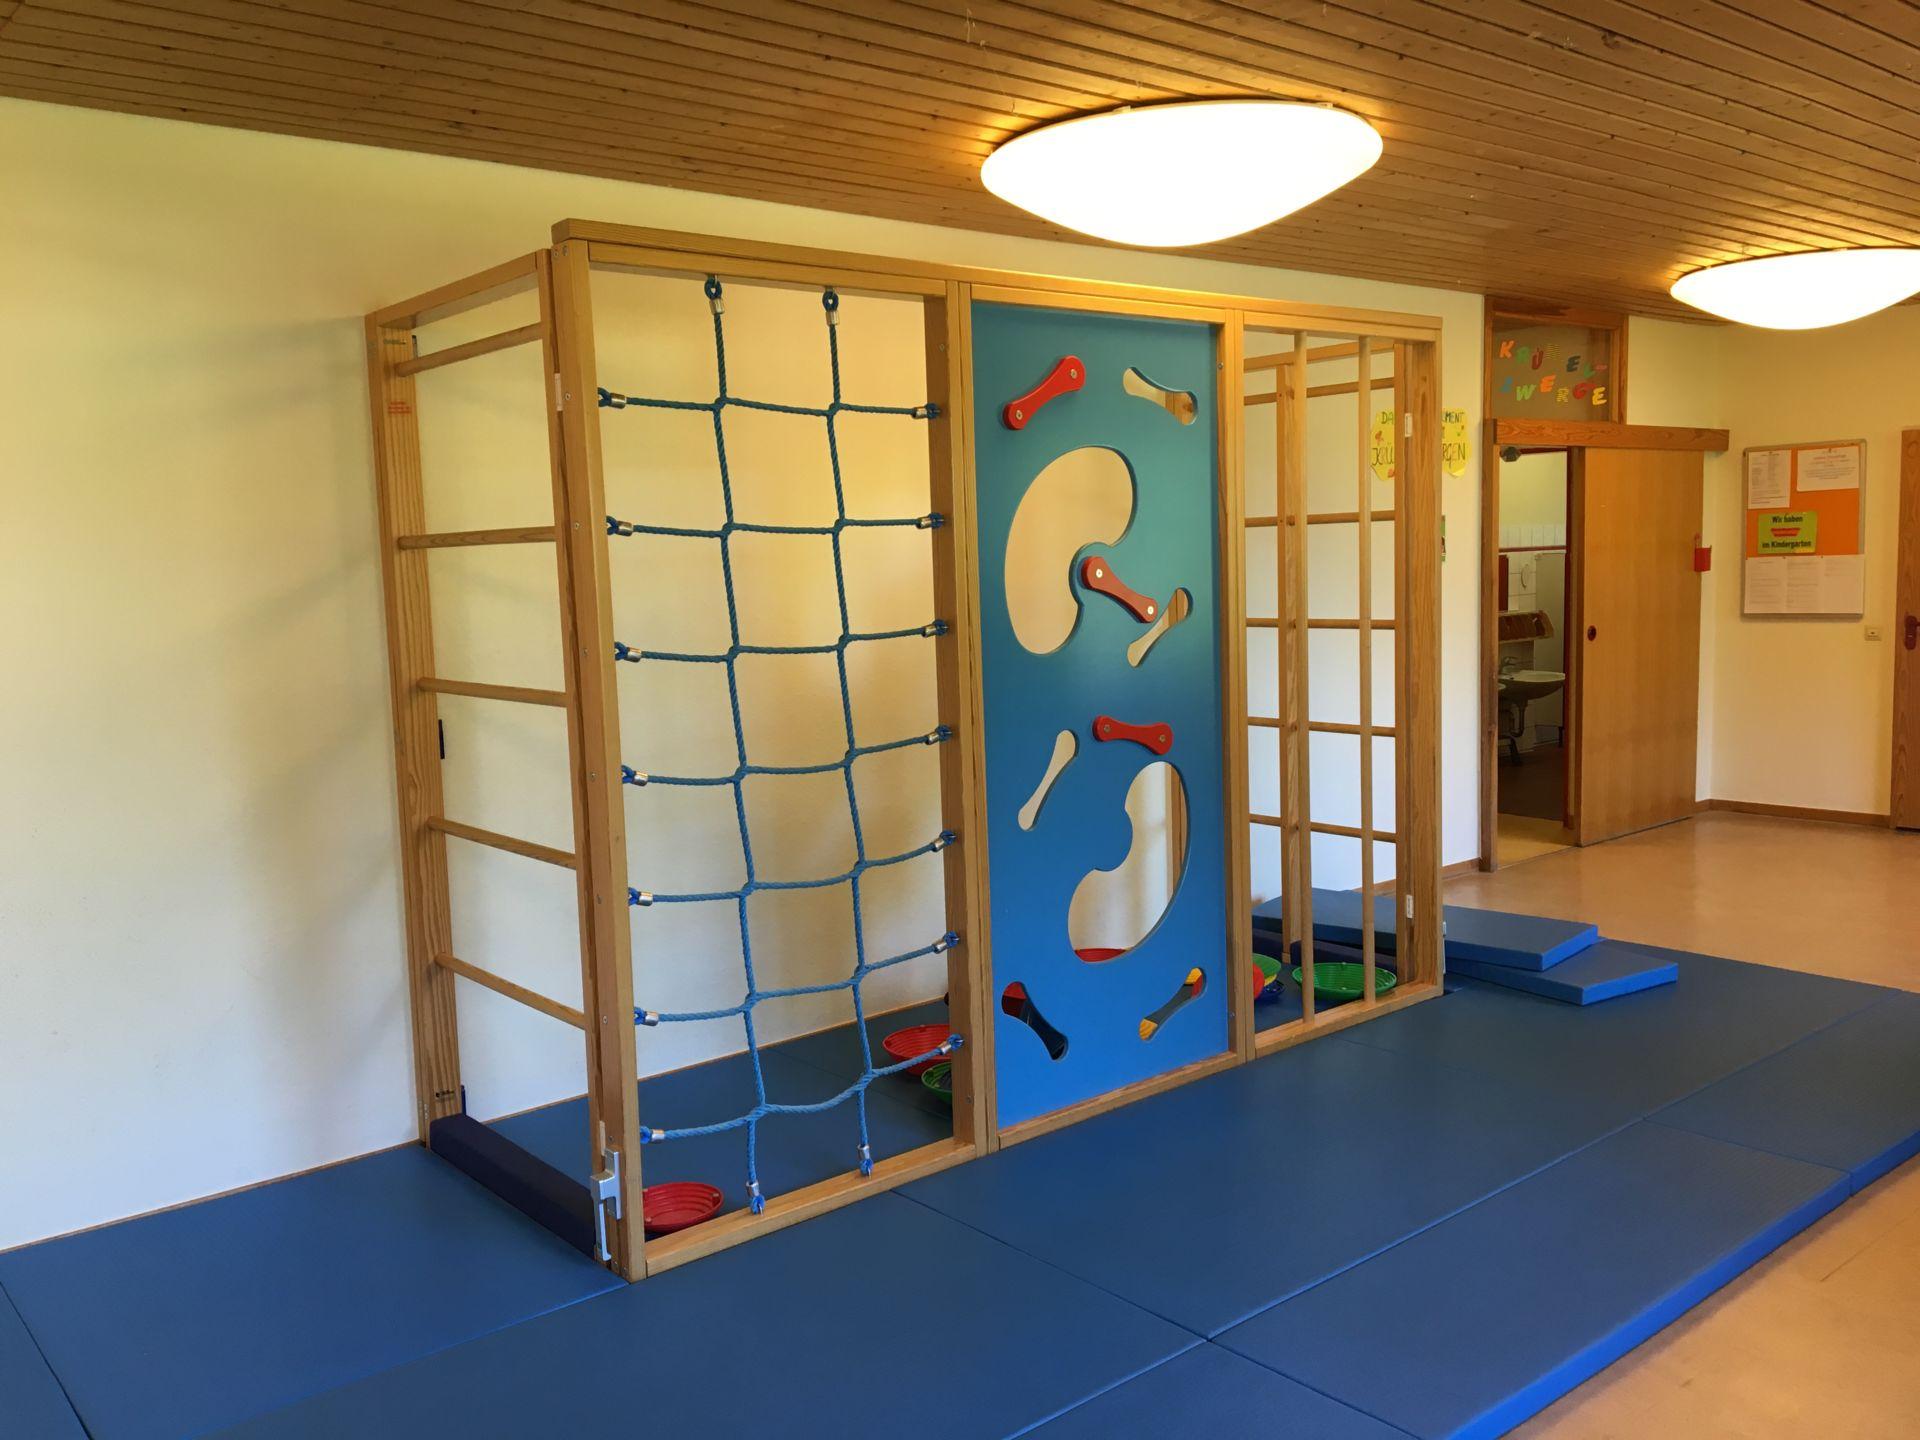 Klettergerüst Innen : Klettergerüst innen u kindergarten stelingen e v